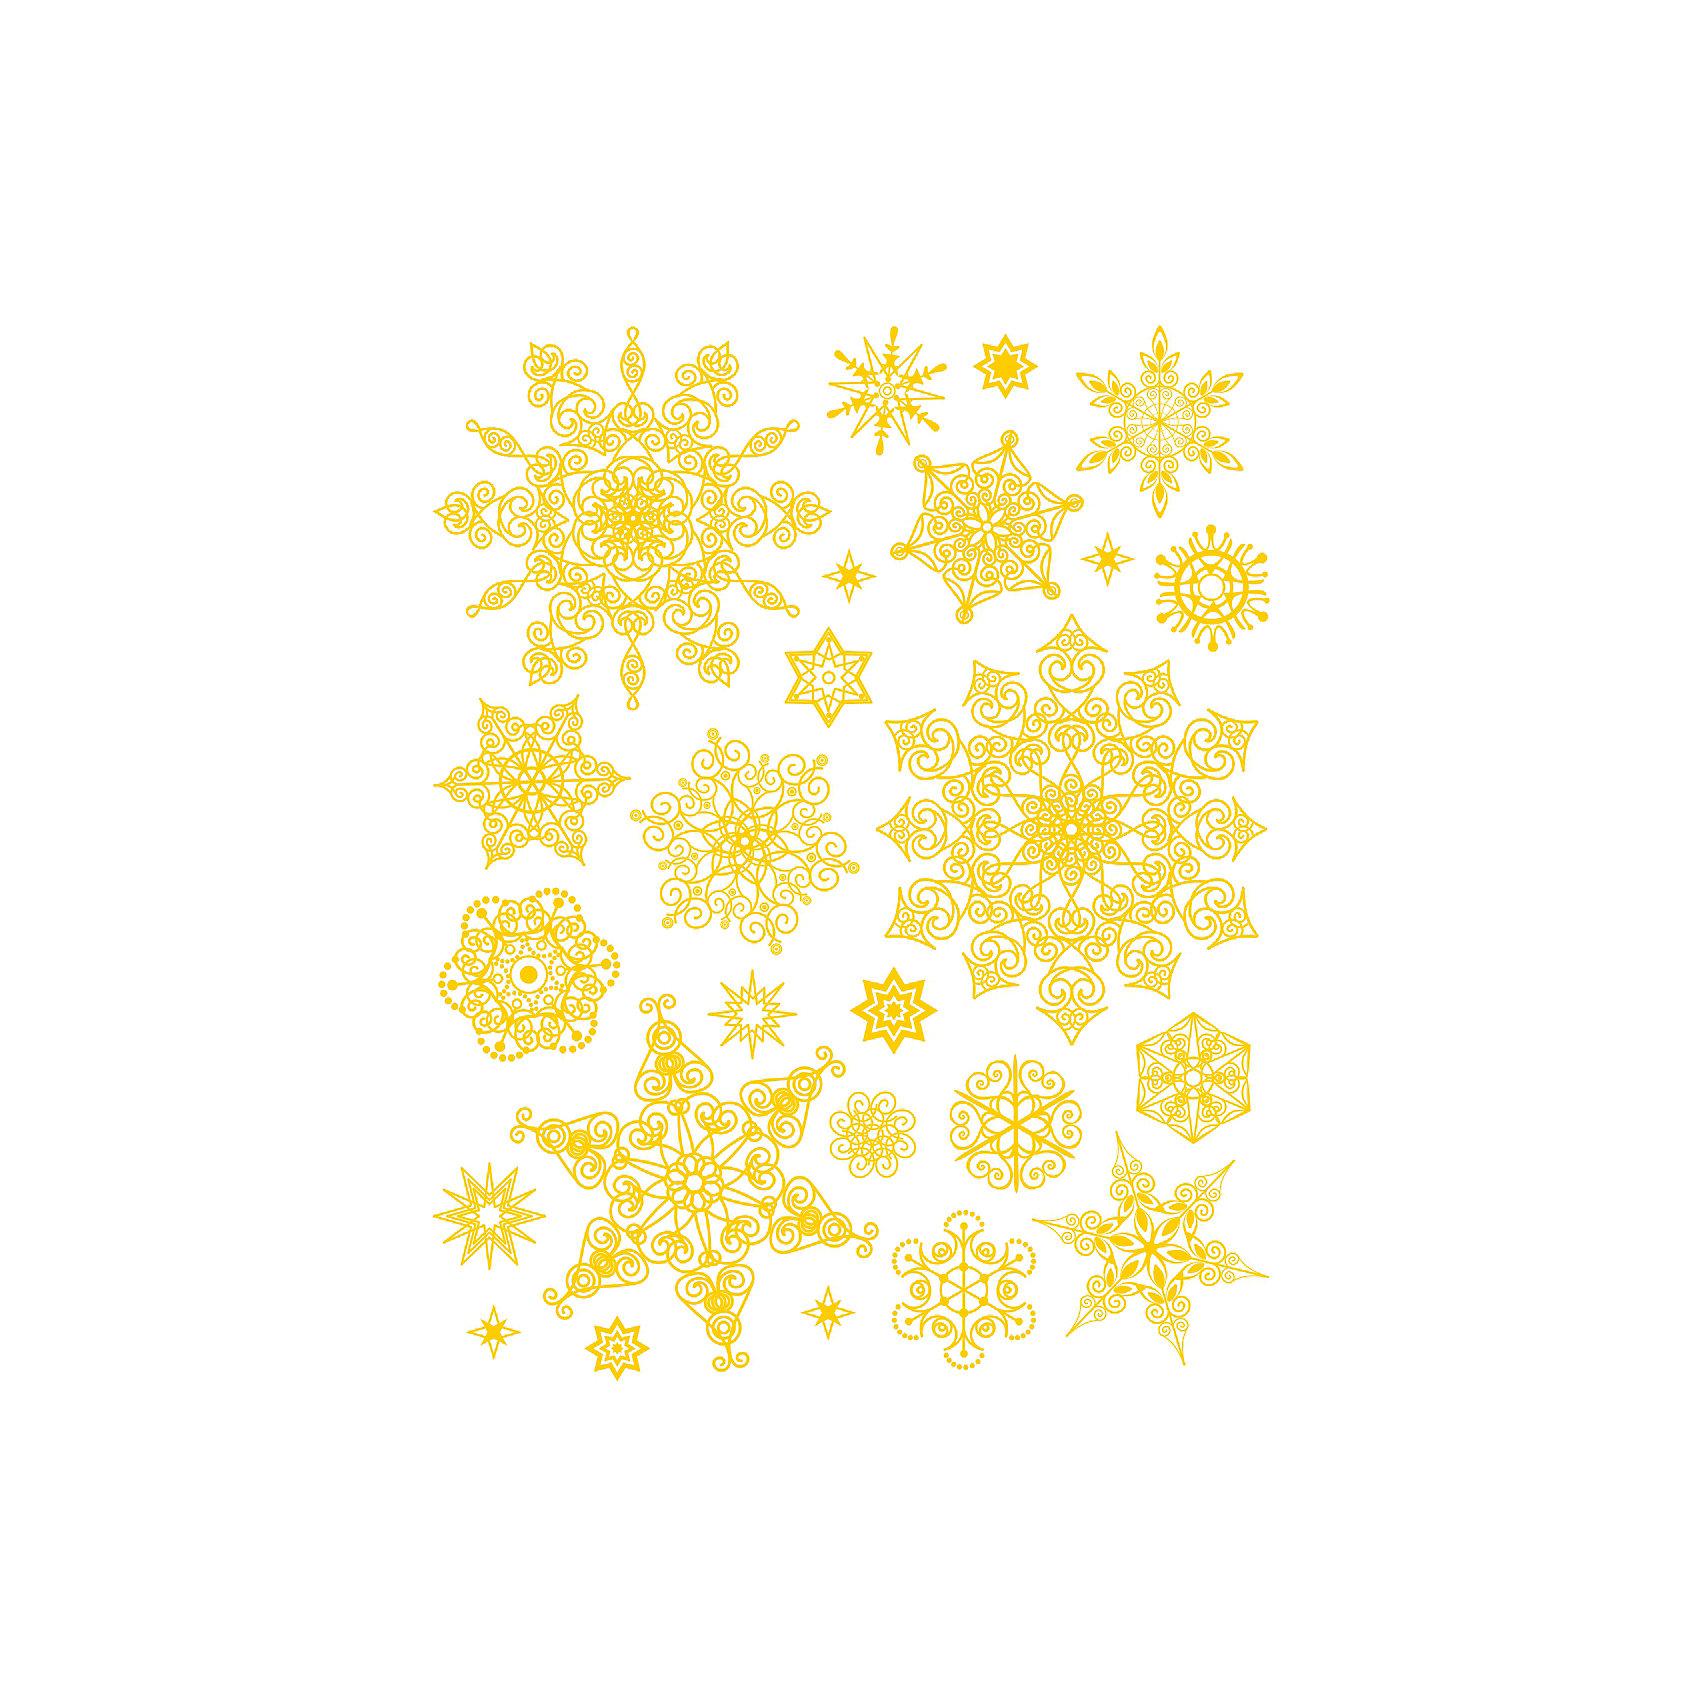 Украшение на окно Золотые снежинки 30*38 смНовинки Новый Год<br>Украшение на окно Золотые снежинки, Феникс-Презент, замечательно украсит Ваш интерьер и создаст праздничное новогоднее настроение. В комплекте несколько красочных наклеек с изображениями нарядных золотистых снежинок с различным дизайном. Рисунки декорированы<br>глиттером, прочно крепятся к стеклу с помощью прозрачной клейкой пленки, на которую нанесены изображения. Не оставляют следов на поверхности.<br><br><br>Дополнительная информация:<br><br>- Материал: ПВХ пленка.<br>- Размер листа с наклейками: 30 х 38 см.<br>- Размер упаковки: 40 x 30,5 x 0,2 см.   <br>- Вес: 62 гр. <br><br>Украшение на окно Золотые снежинки, Феникс-Презент, можно купить в нашем интернет-магазине.<br><br>Ширина мм: 1<br>Глубина мм: 320<br>Высота мм: 460<br>Вес г: 71<br>Возраст от месяцев: 36<br>Возраст до месяцев: 2147483647<br>Пол: Унисекс<br>Возраст: Детский<br>SKU: 4274689